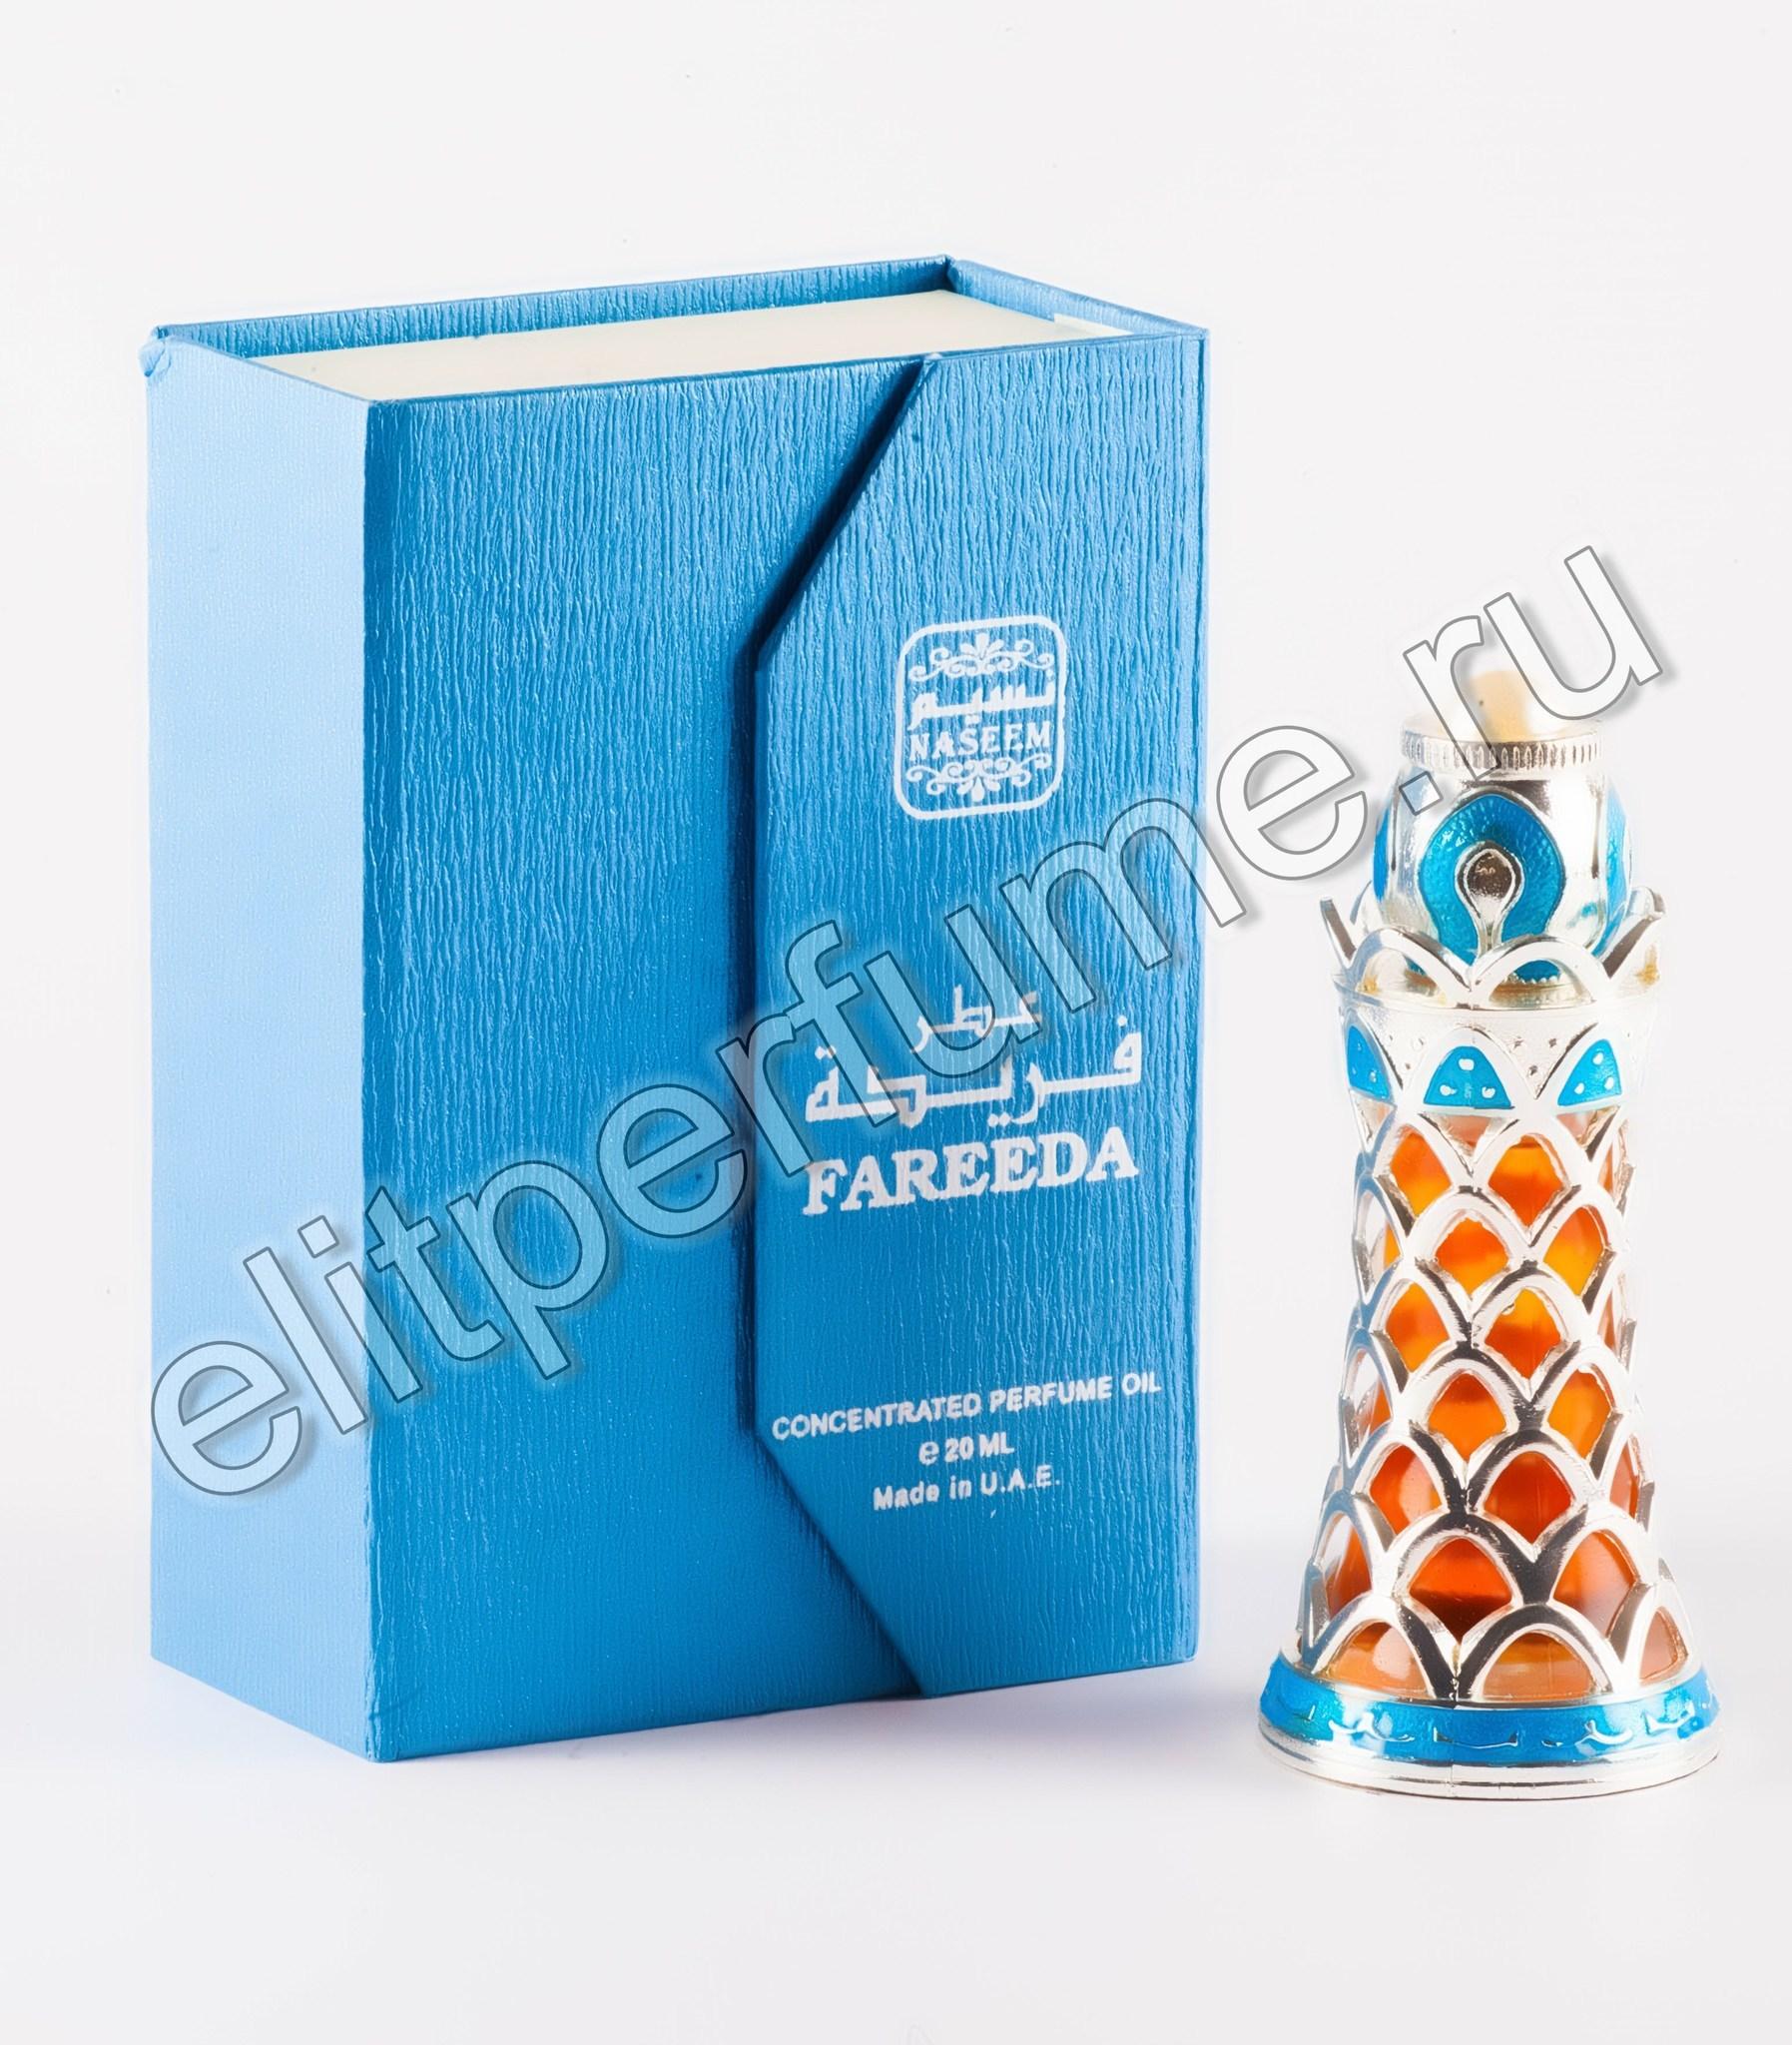 Пробник для Fareeda Фарид 1 мл арабские масляные духи от Насим Naseem Perfumes